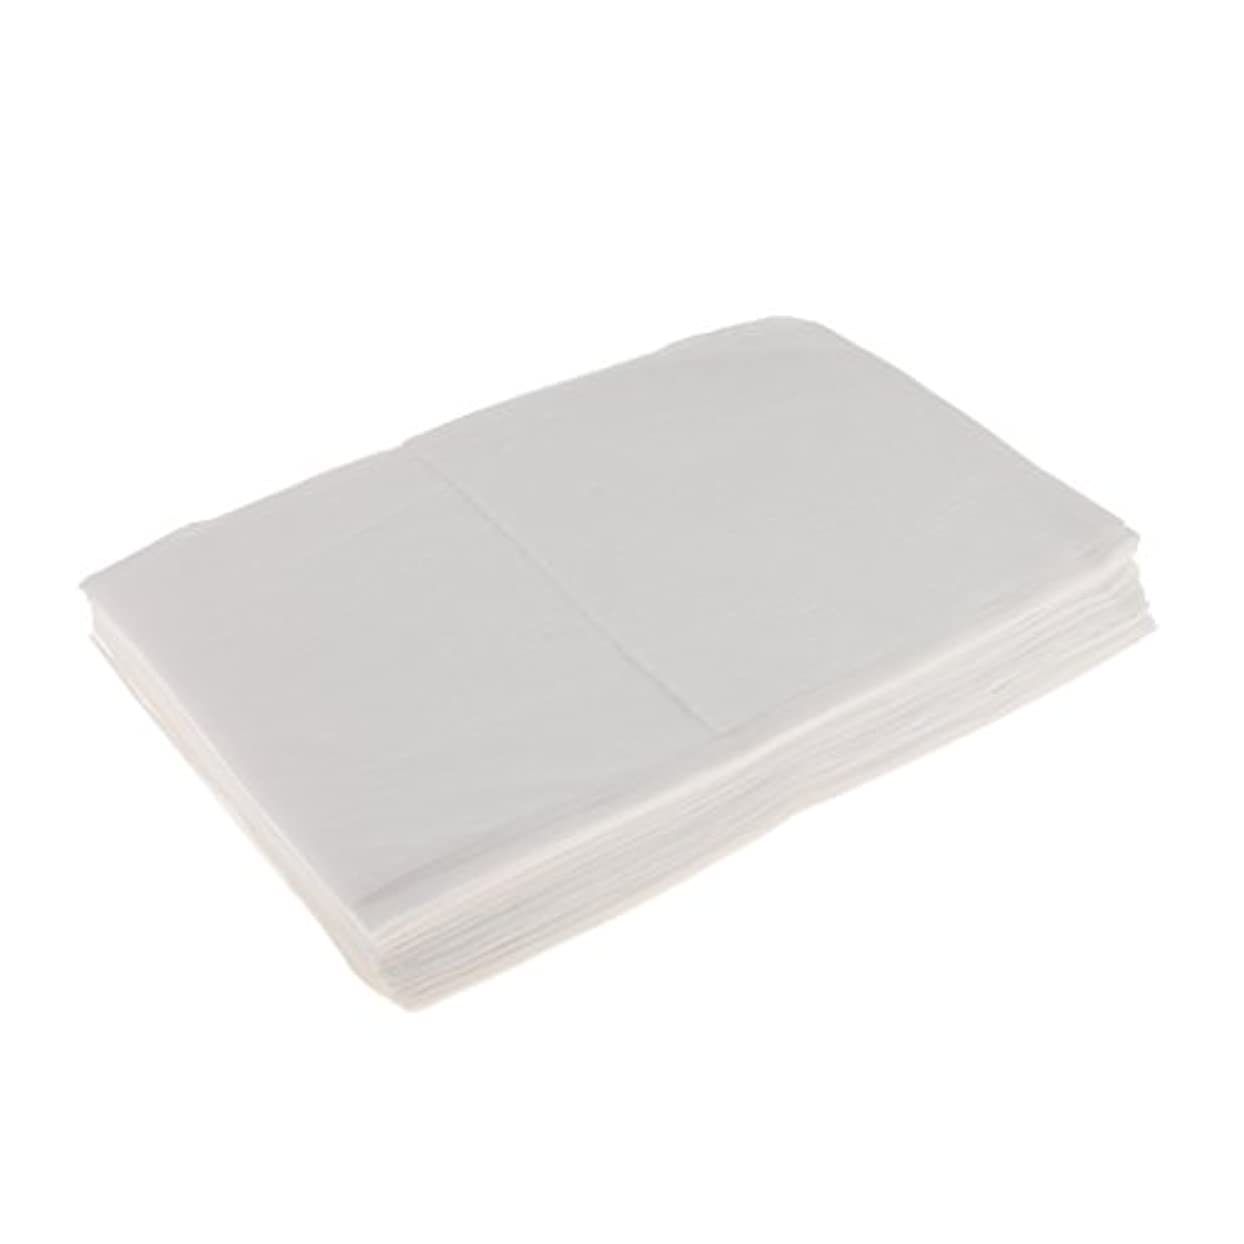 説教十分半径Kesoto 10枚 使い捨てベッドシーツ 使い捨て 美容 マッサージ サロン ホテル ベッドパッド カバー シート 2色選べ - 白